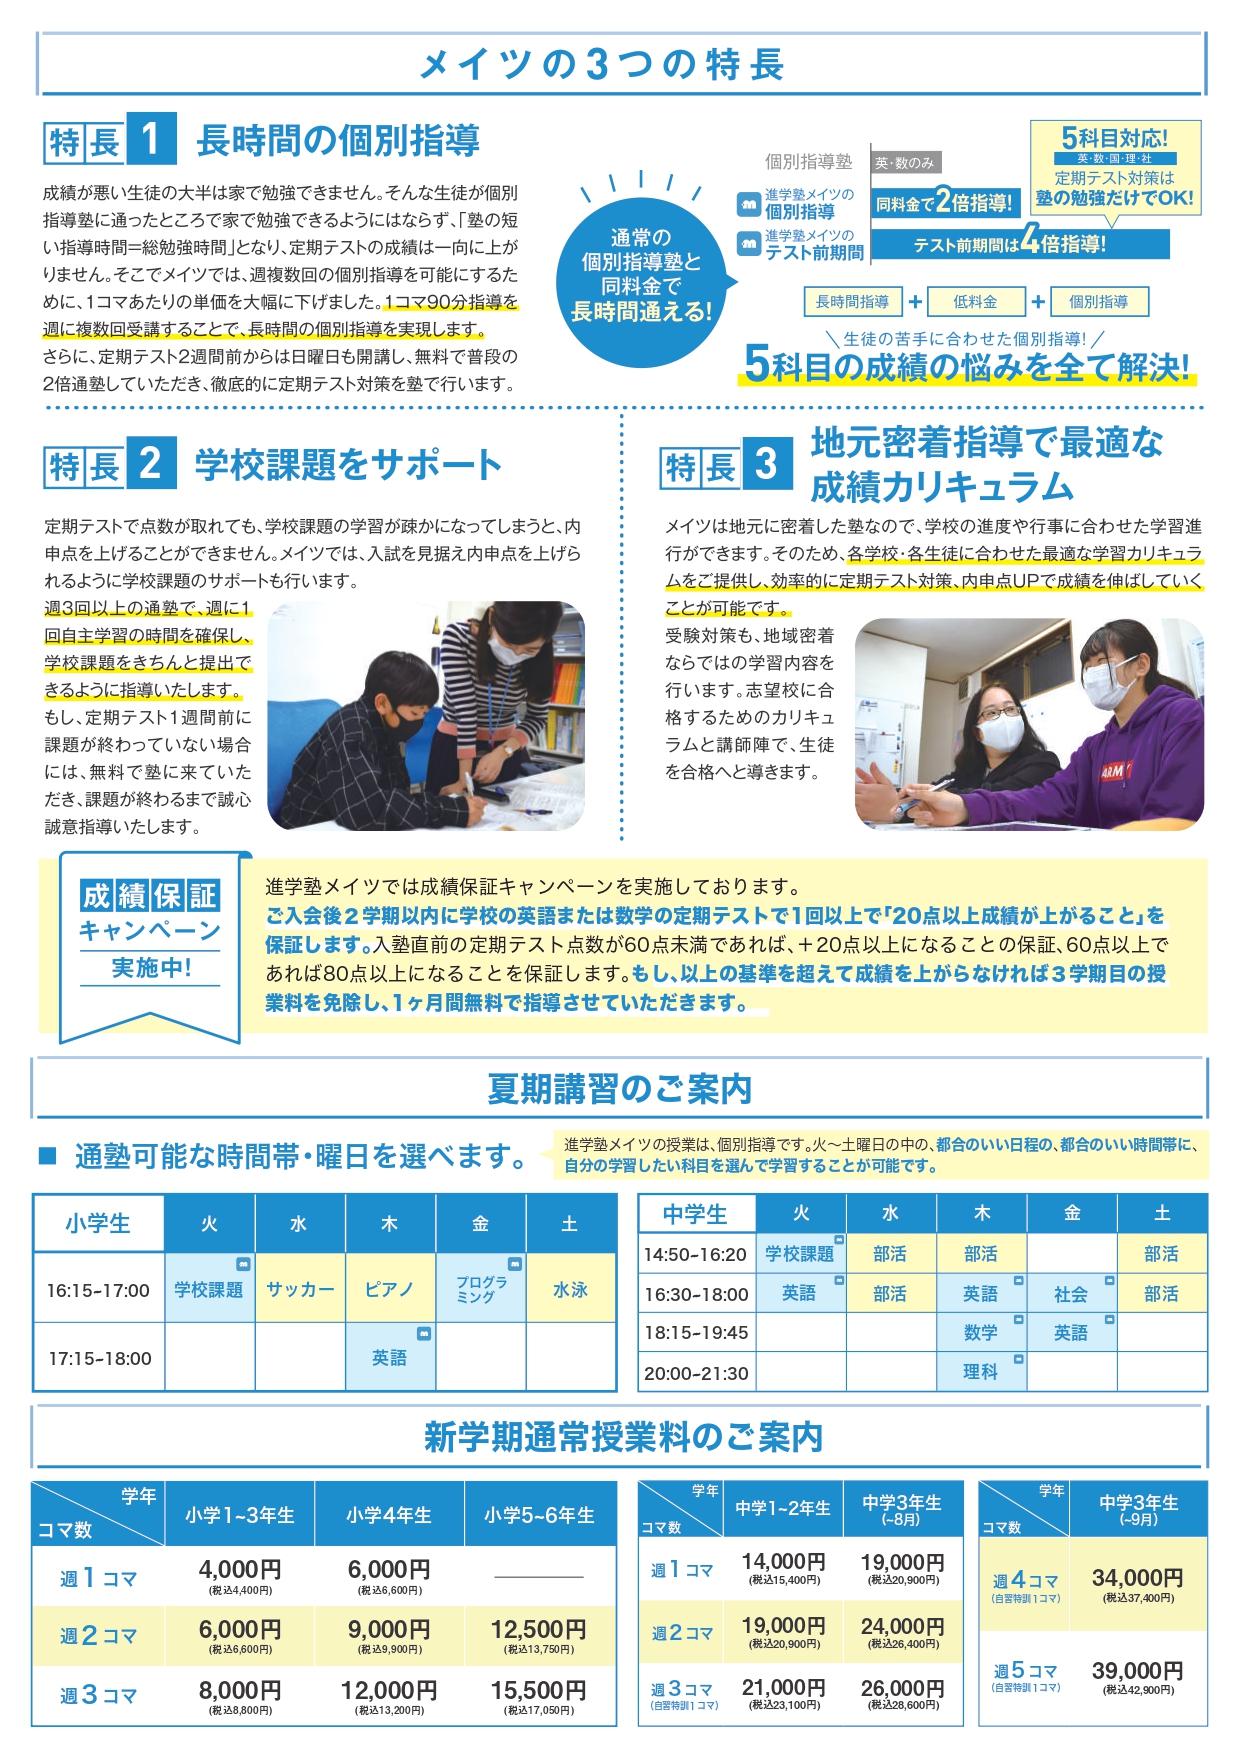 【新宿・練馬区共通】裏面進学塾メイツ夏期講習2021.jpg